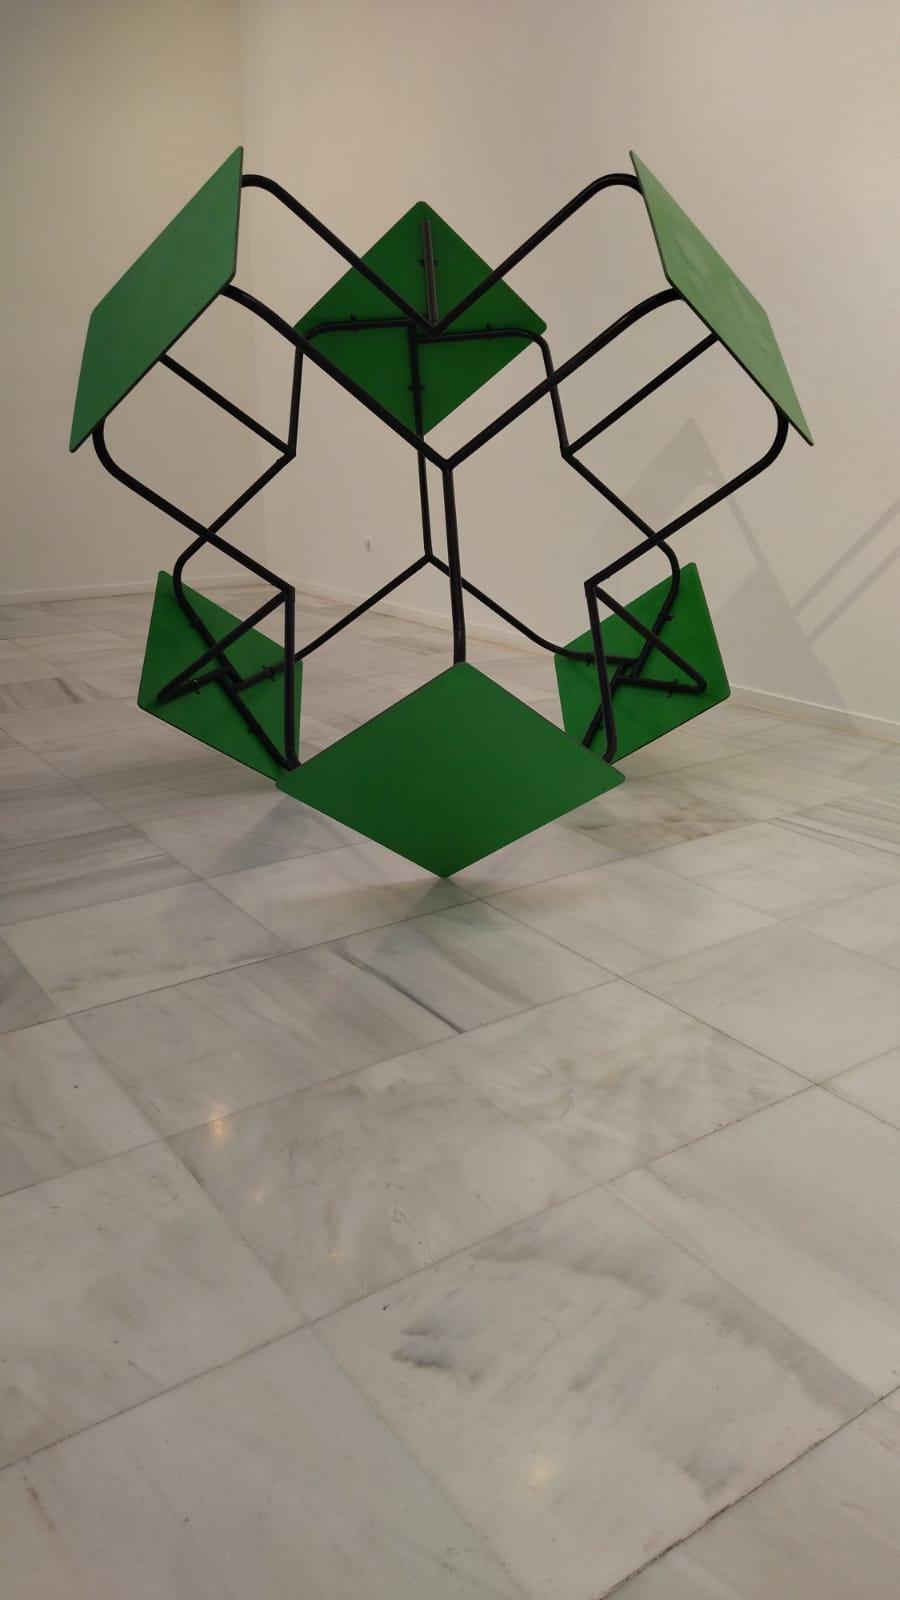 La mesa se convierte en el objeto creativo del artista Fernando G. Méndez en la exposición que FACBA 21 lleva al Centro Damián Bayón